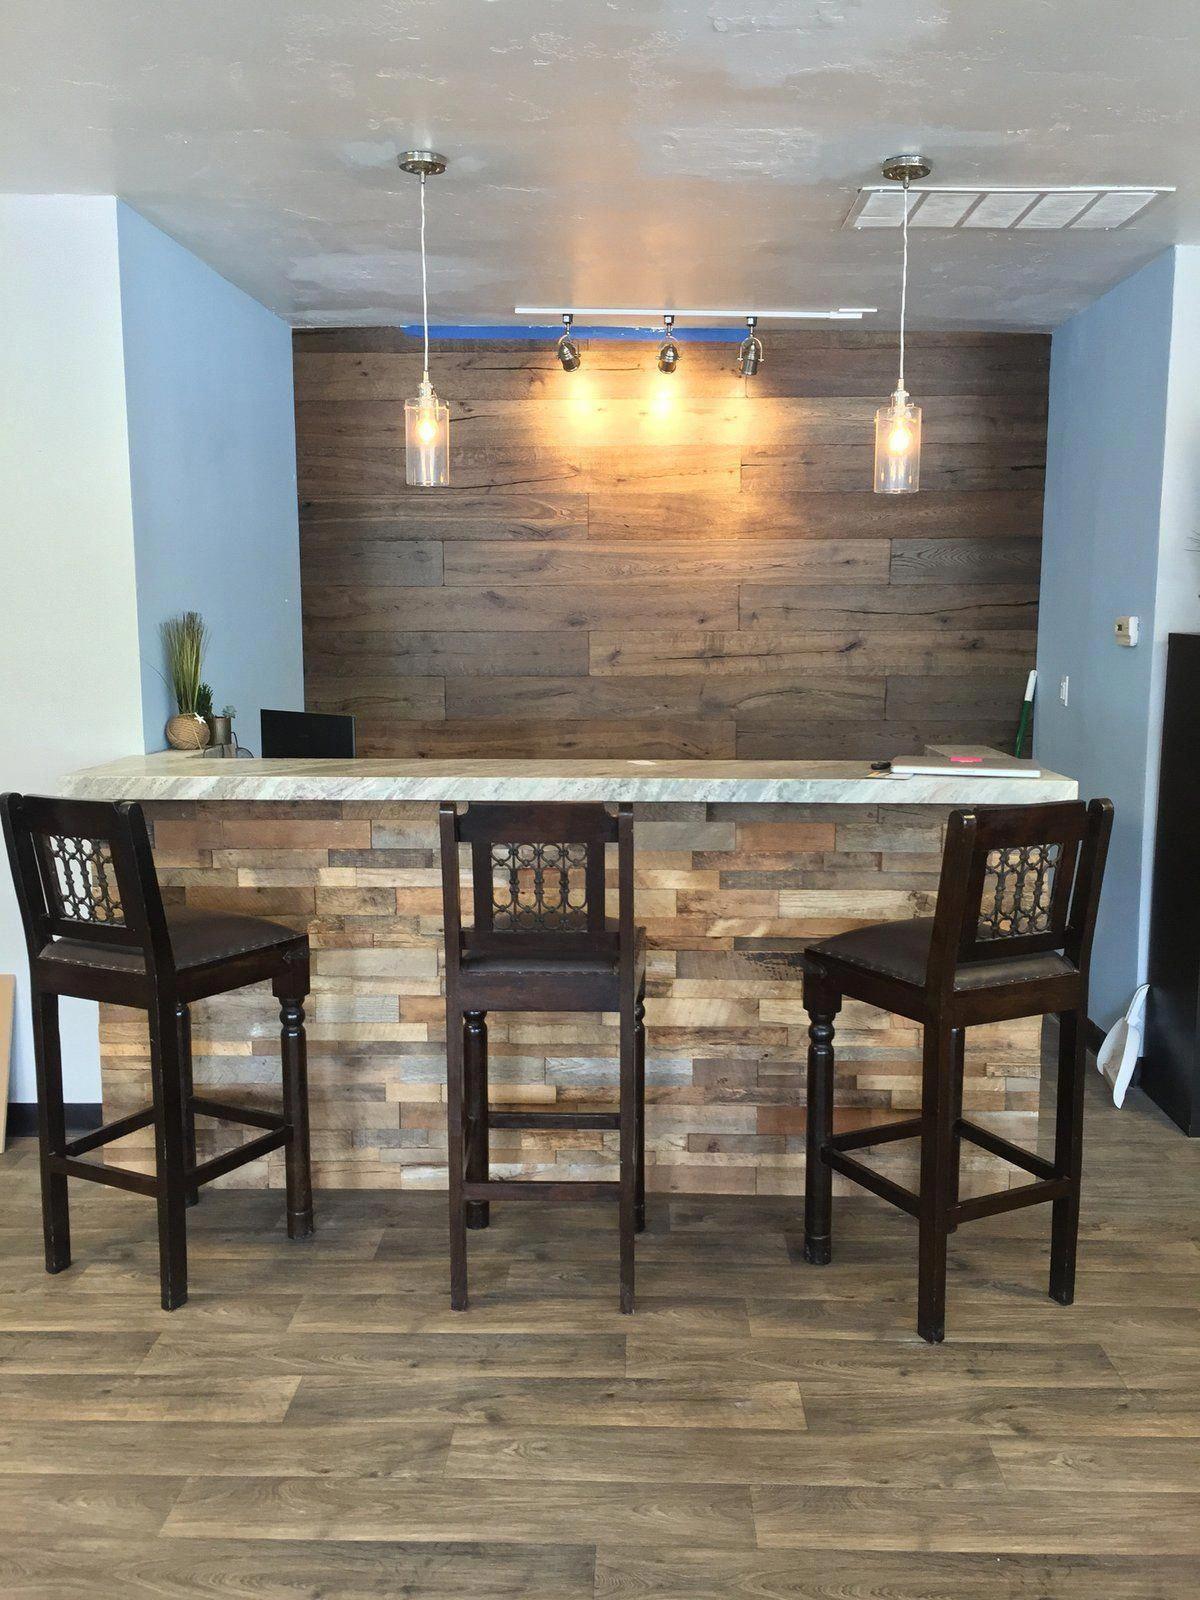 Cost To Refinish Basement Basement Ideas Photos Basement Bar Ideas Cheap 20190717 Wood Panel Walls Reclaimed Barn Wood Wall Reclaimed Barn Wood